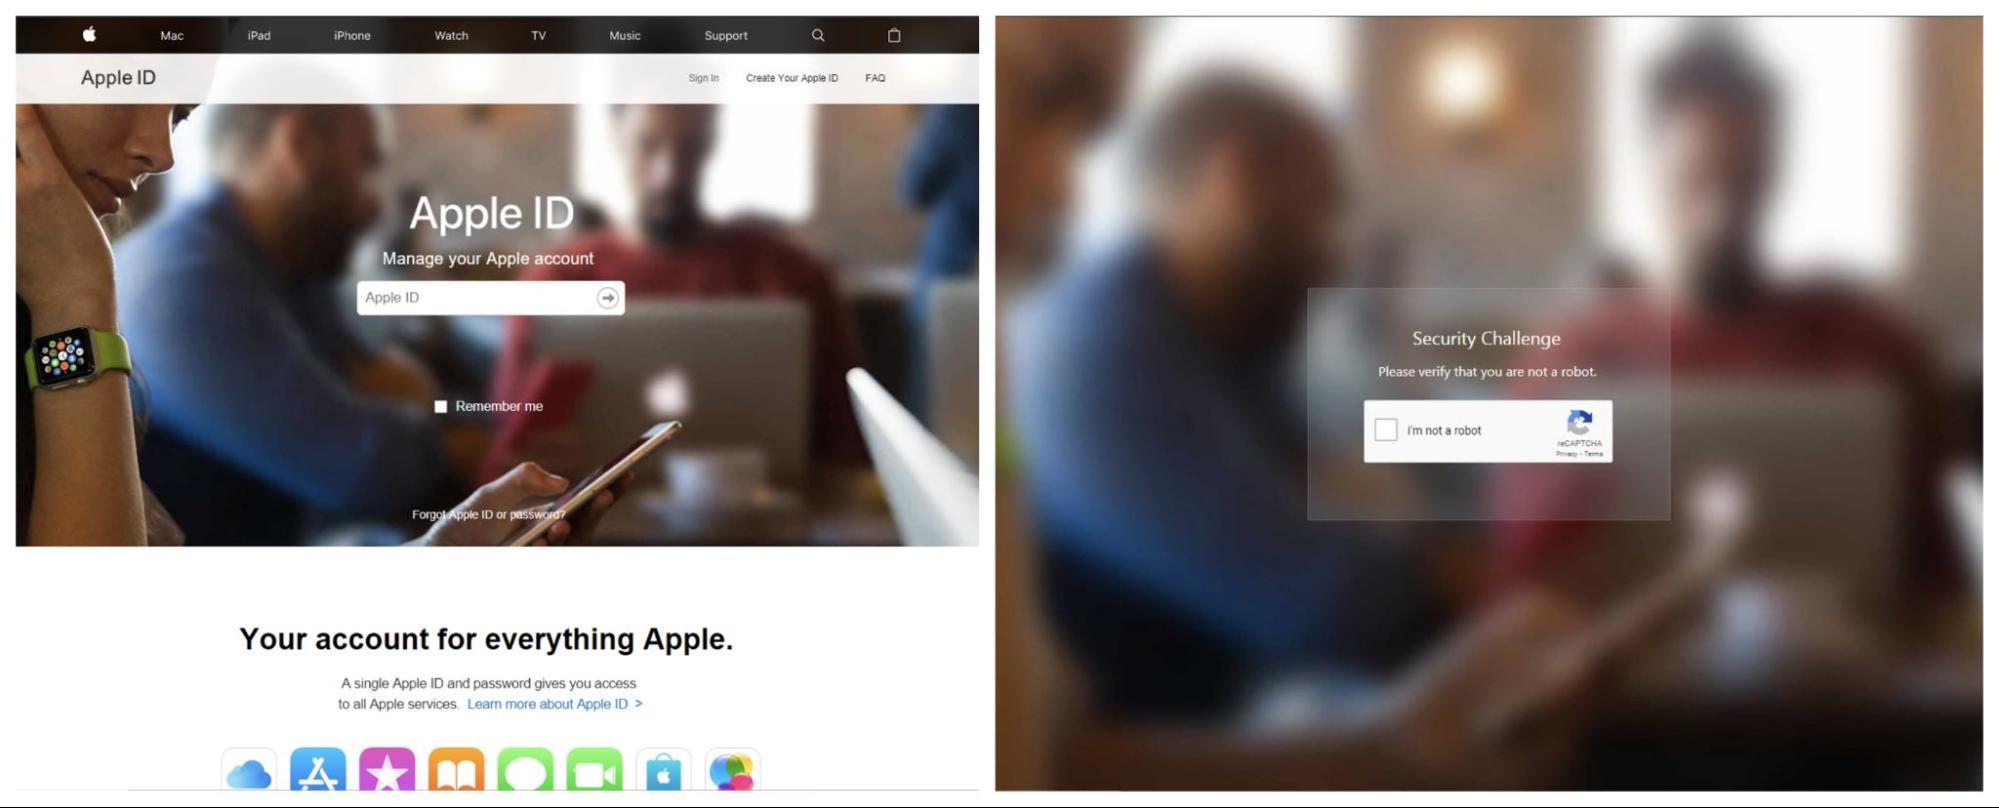 Apple ID のフィッシング用 web ページのスクリーンショット